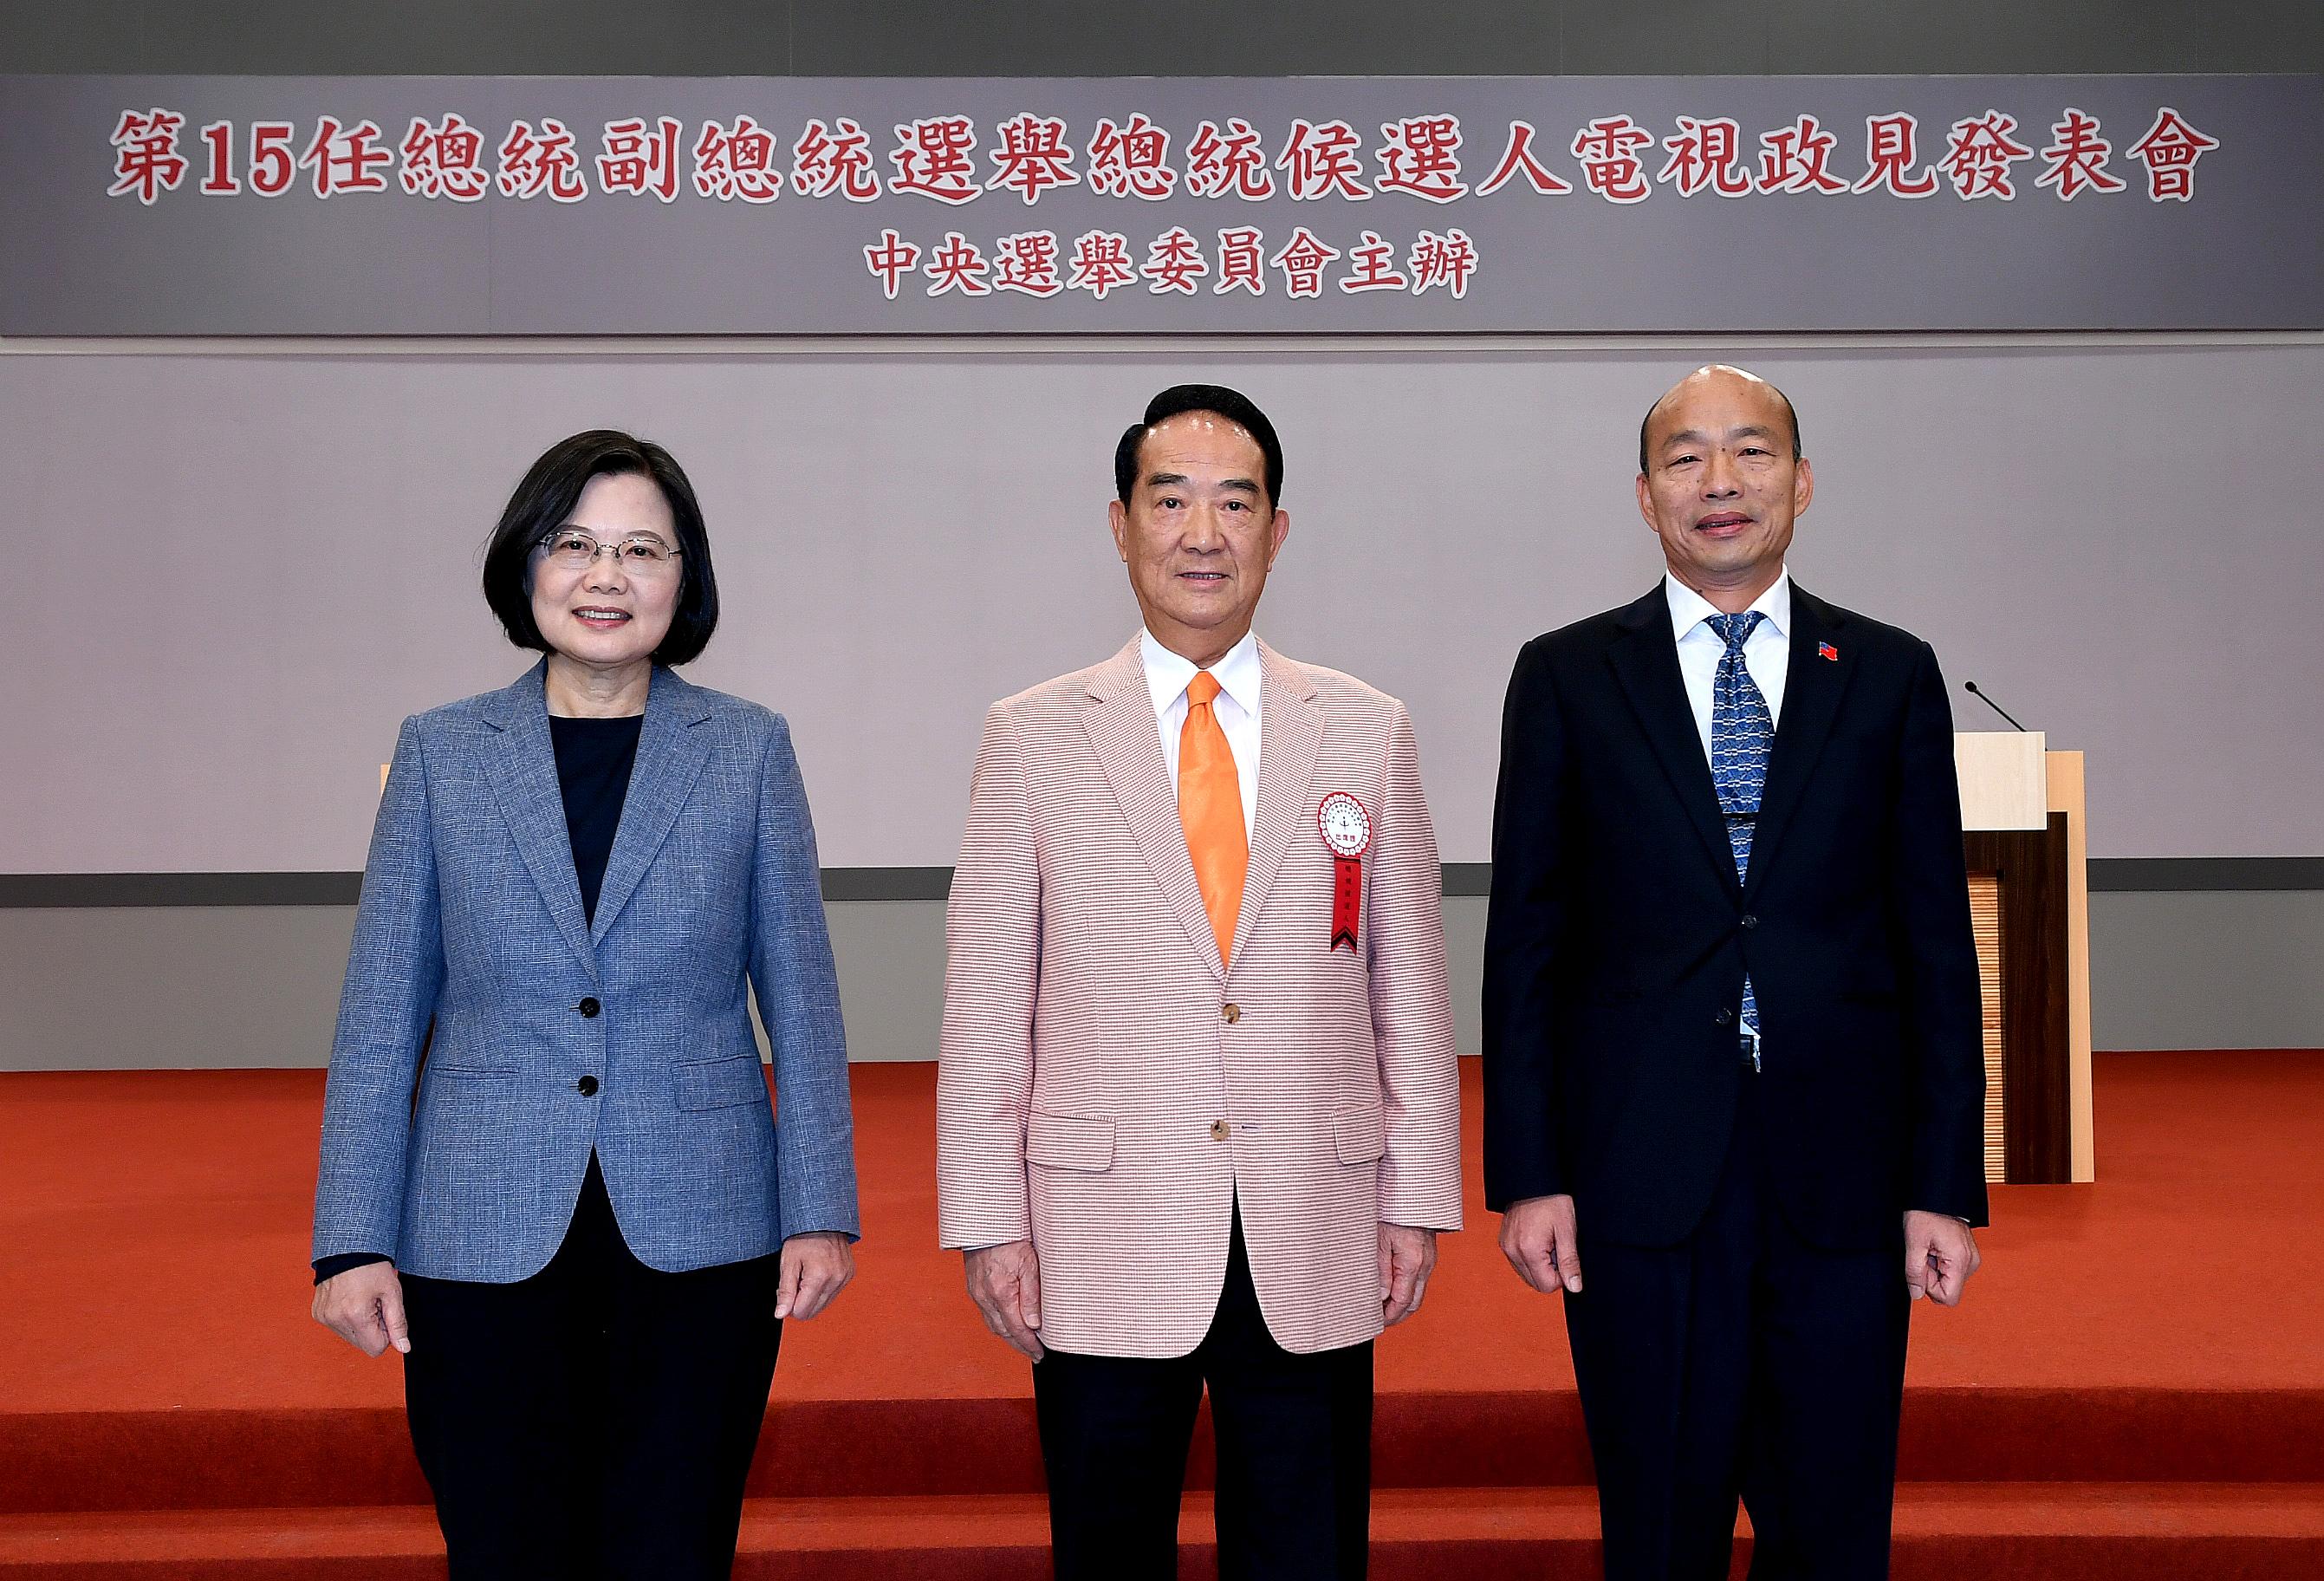 台首場總統政見發表 藍綠激烈交鋒